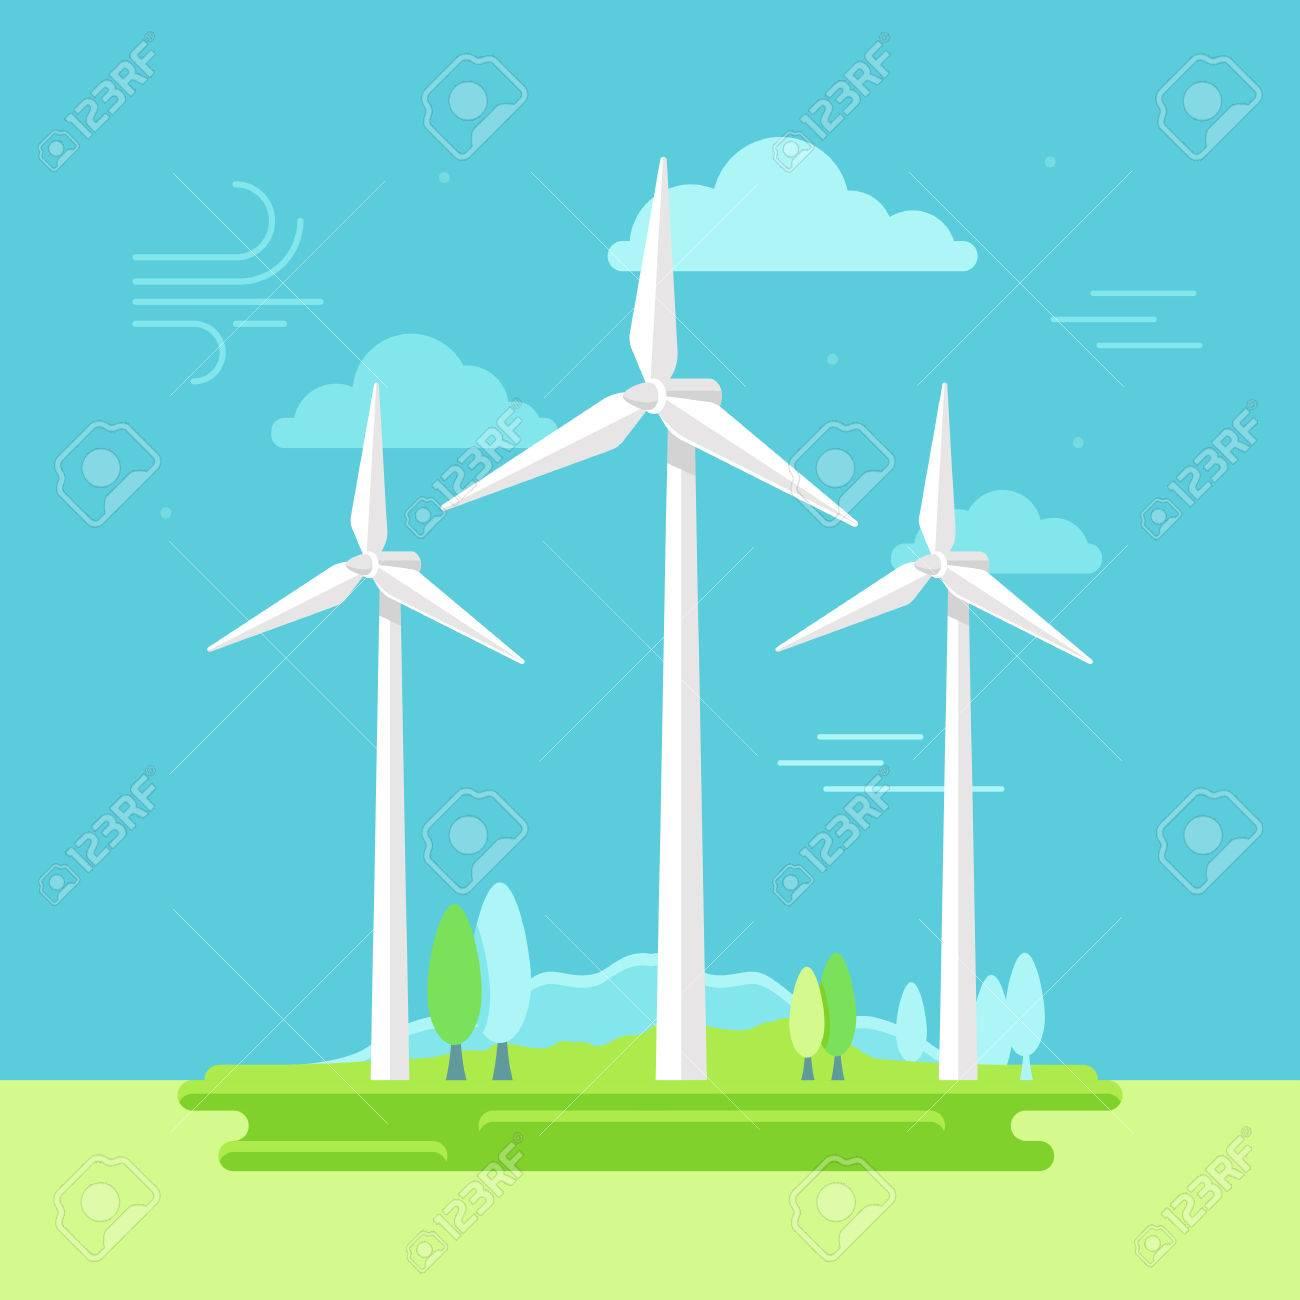 自然の風景とシンプルなフラット スタイル 代替再生可能エネルギー